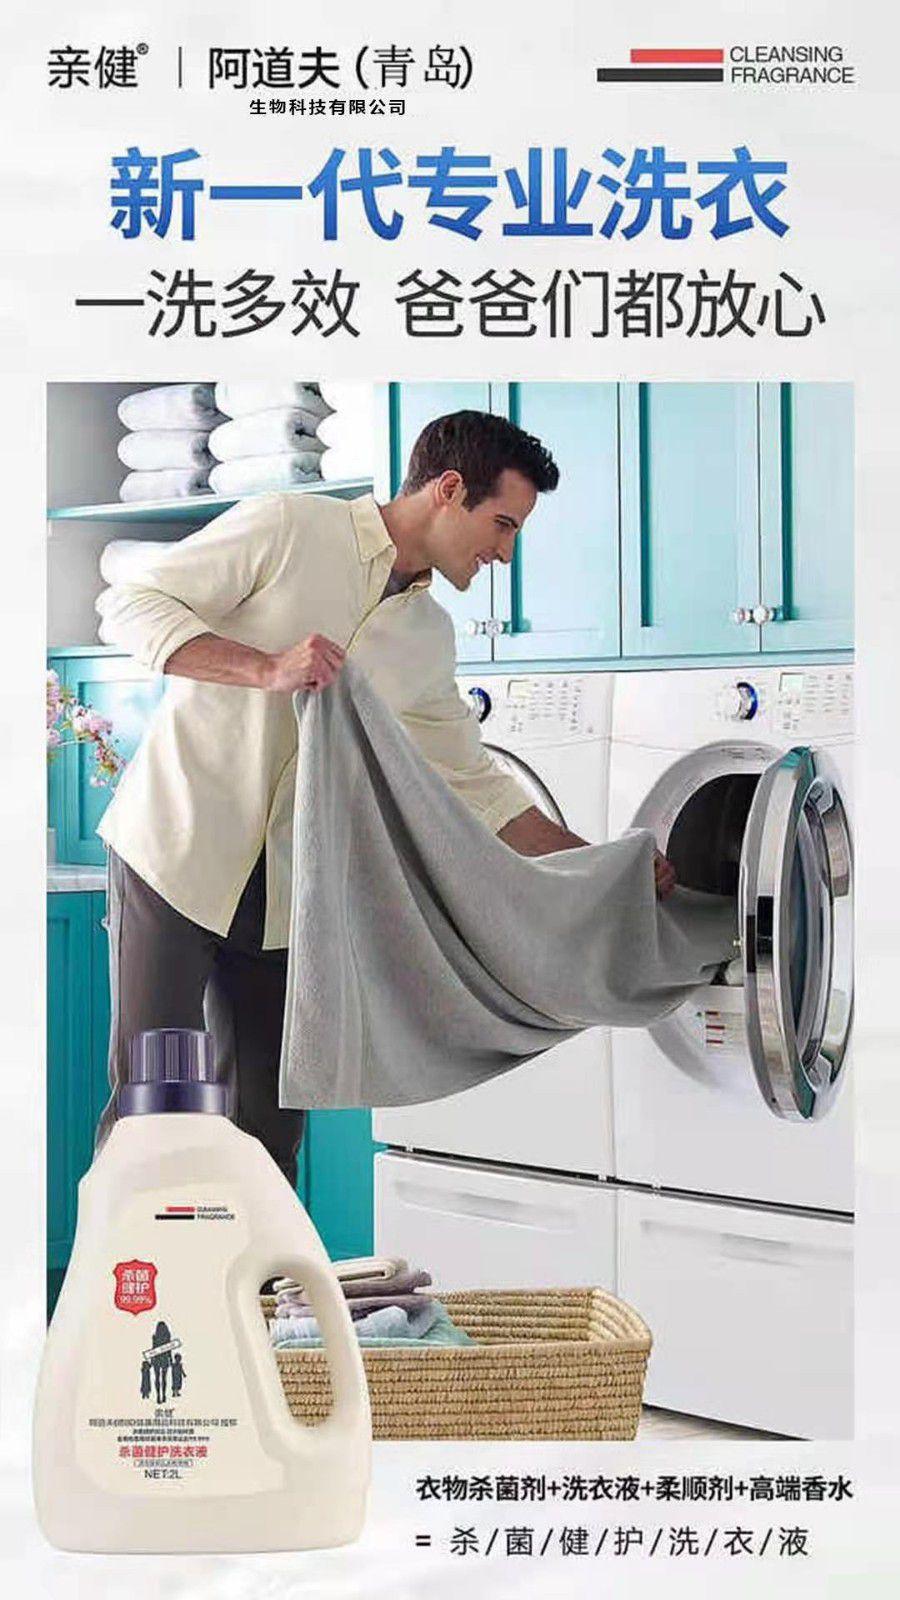 凌源消字號洗衣液歡迎您購買